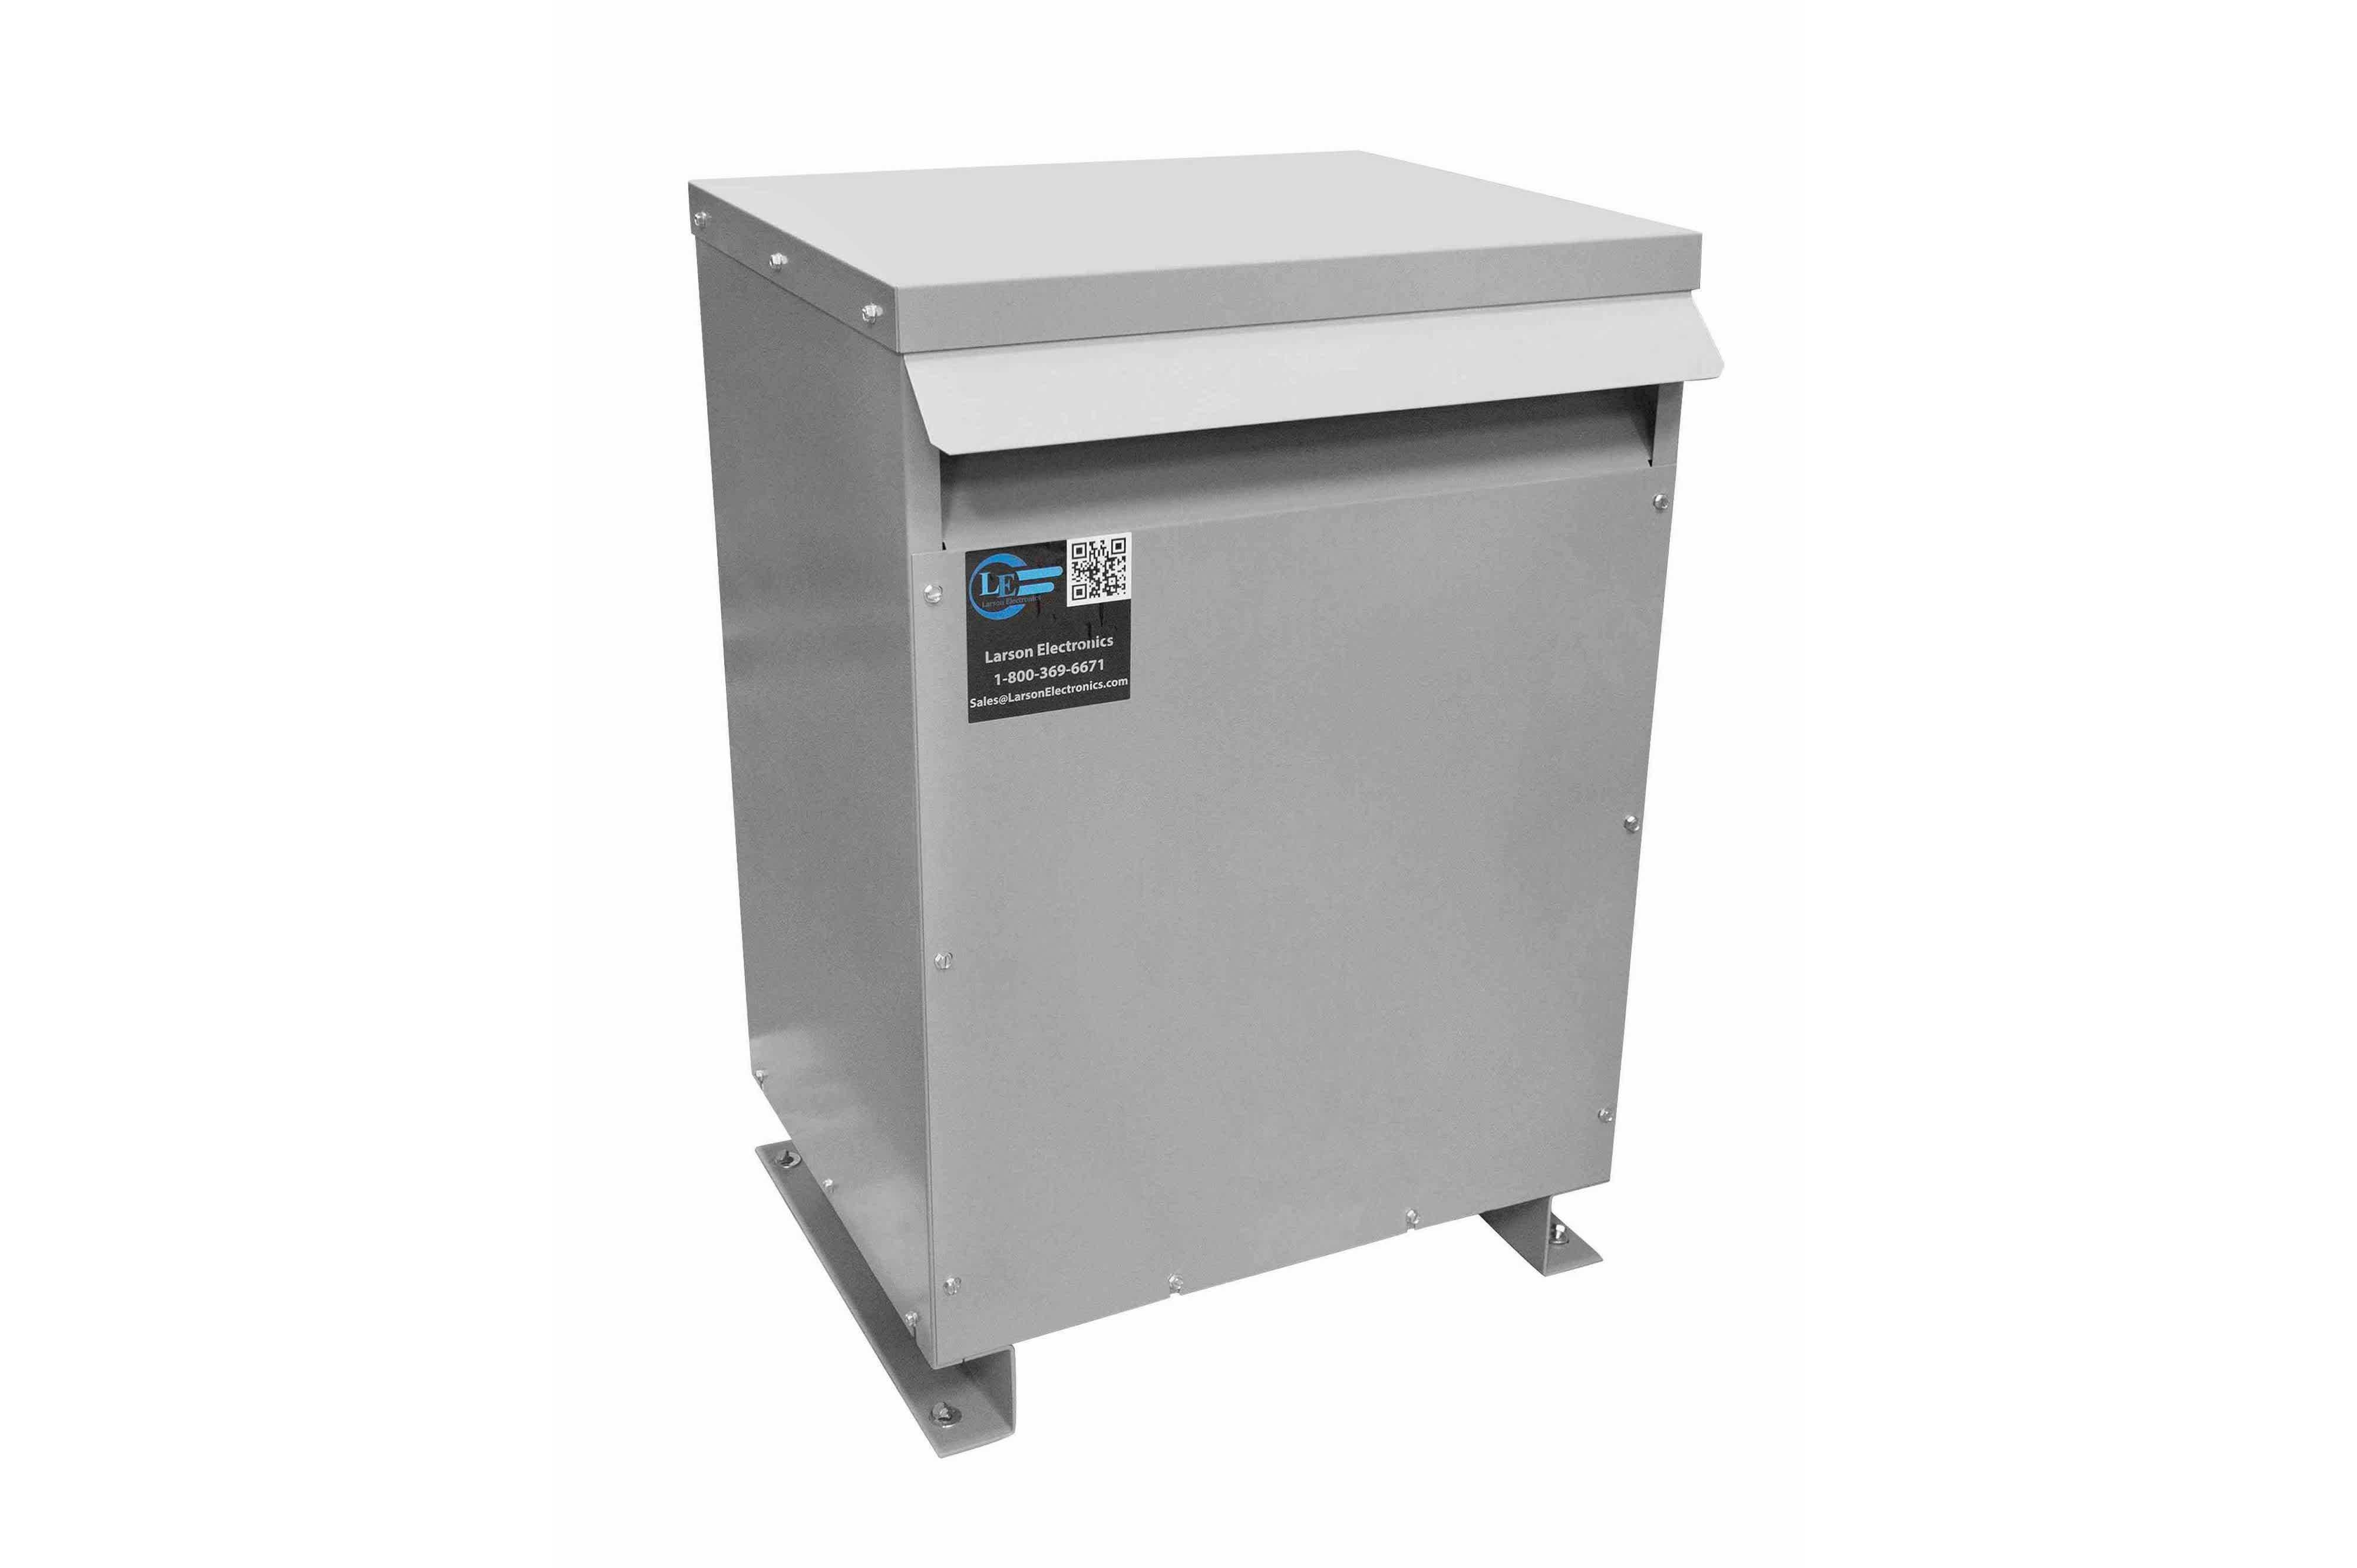 20 kVA 3PH DOE Transformer, 460V Delta Primary, 240V/120 Delta Secondary, N3R, Ventilated, 60 Hz